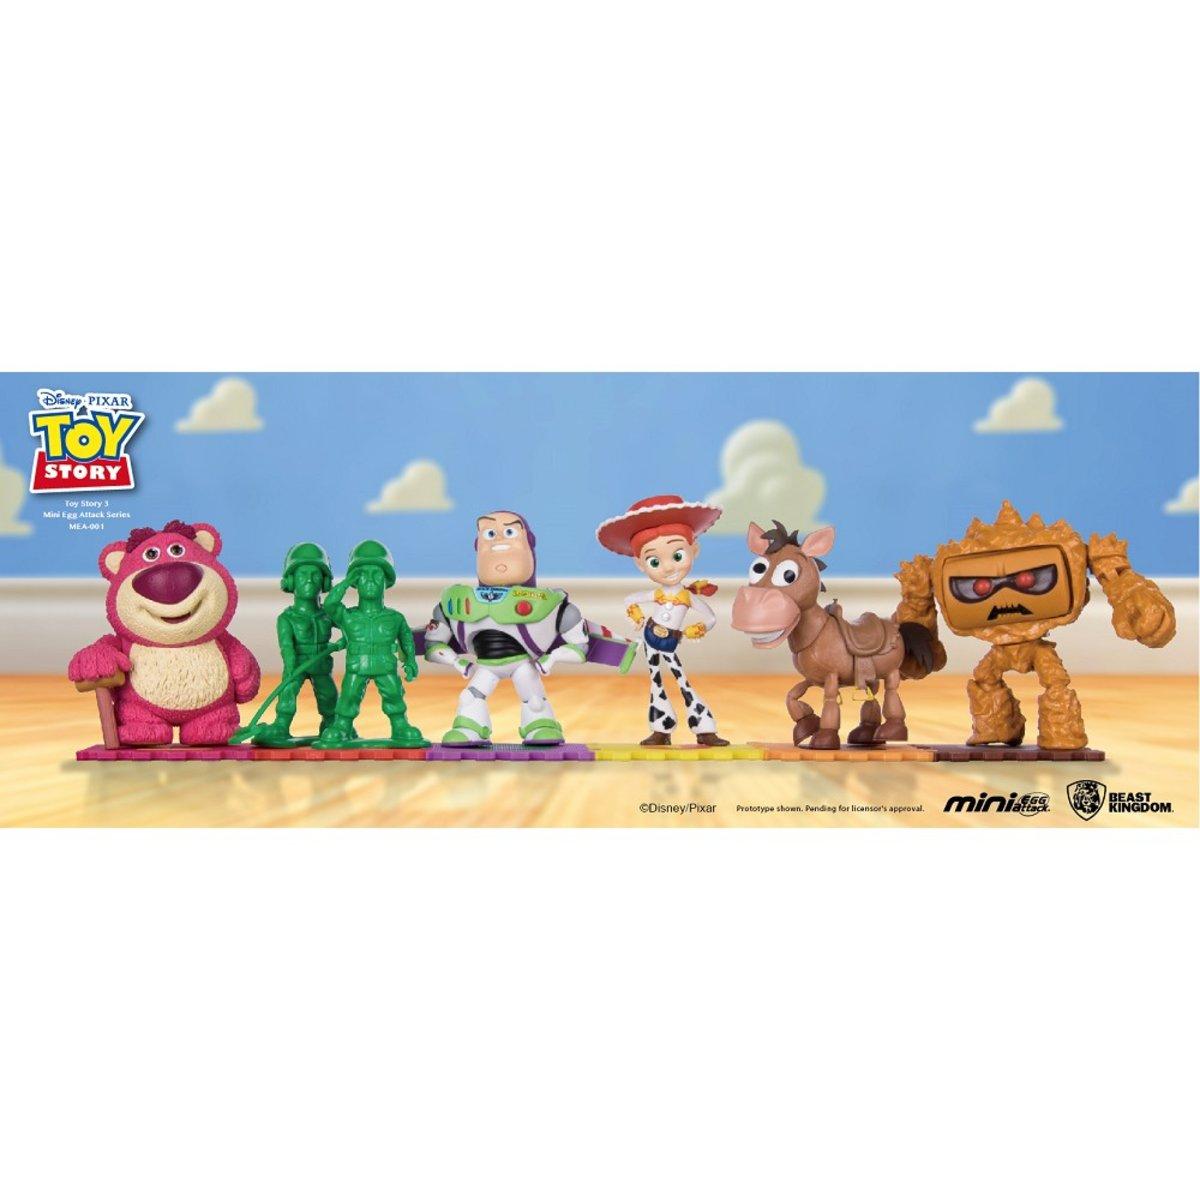 反斗奇兵成員模型 (1) (一套六款)|Disney 系列收藏品玩具